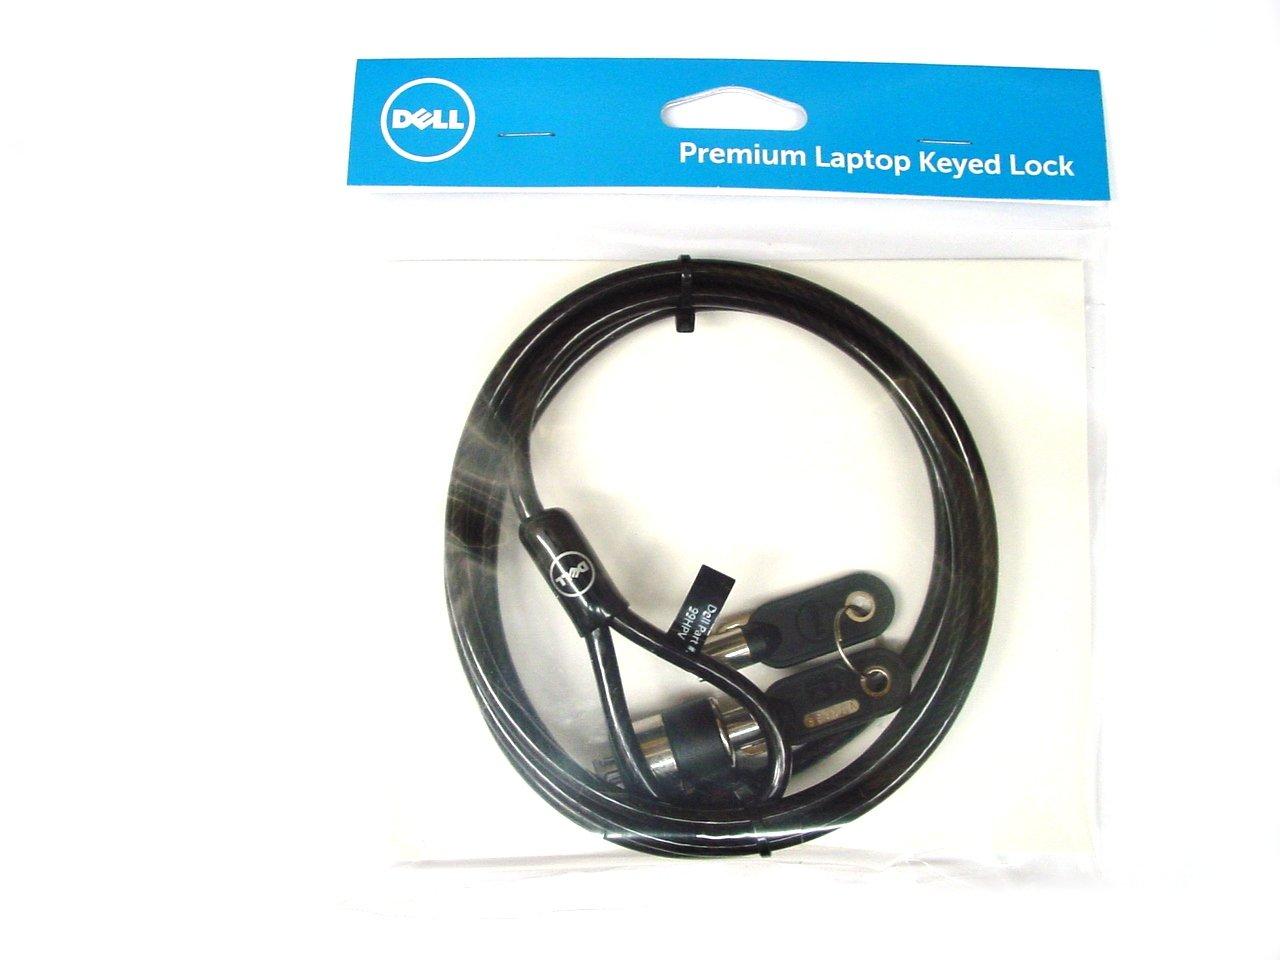 Lucchetto originale Dell adatto per ingresso standard Kensington K-slot di sicurezza Dell P//Ns: 99HPV di alta qualit/à Dell NWG92 461-10220 chiusura a T